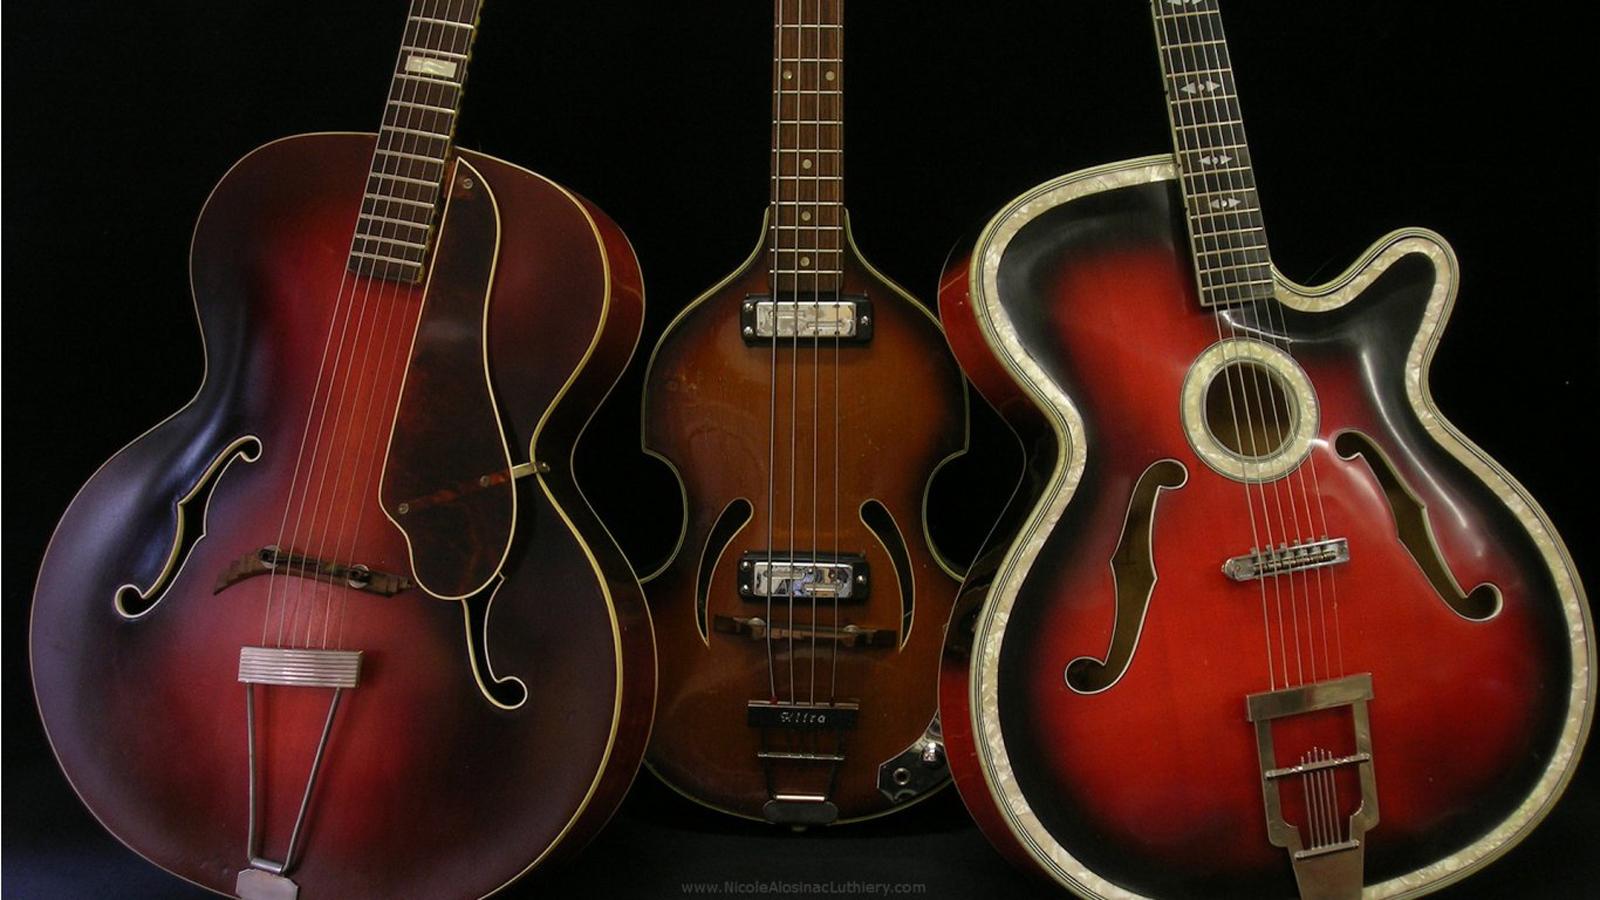 Hd Bass Guitar Wallpaper: Guitar HD Wallpapers